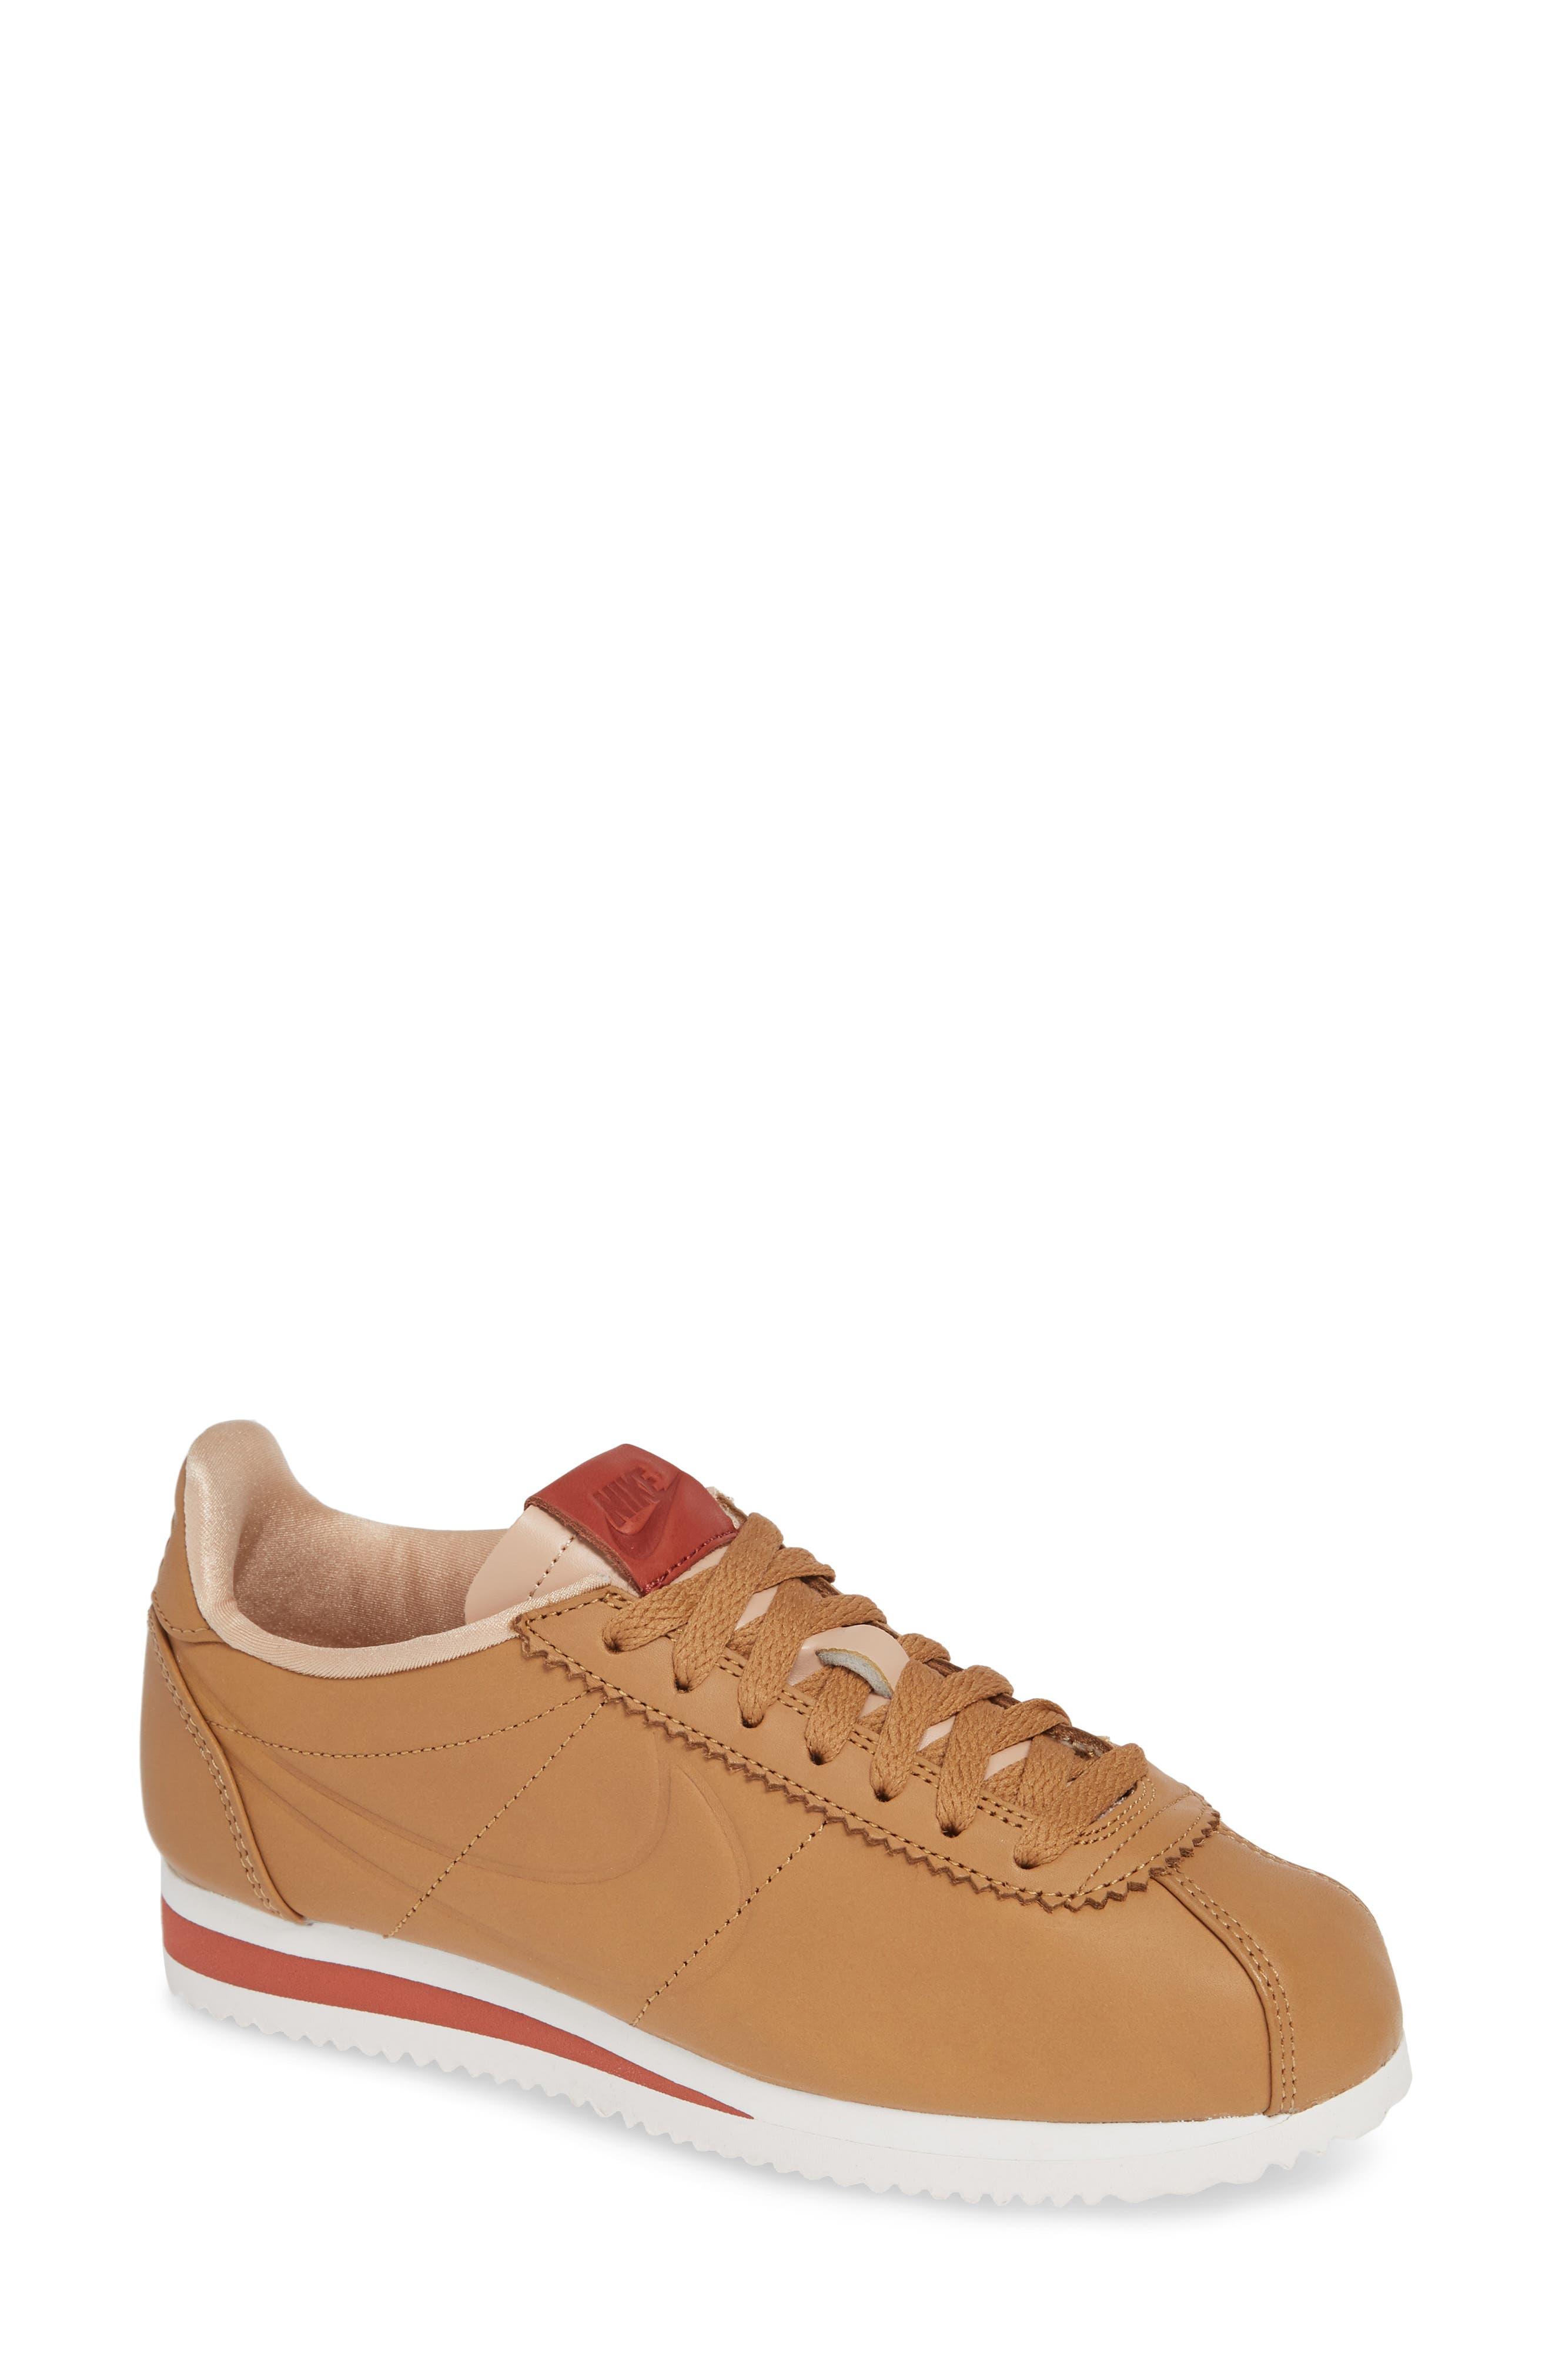 LA Cortez x Maria Sharapova Premium Sneaker,                         Main,                         color, CAMEL/CAMEL